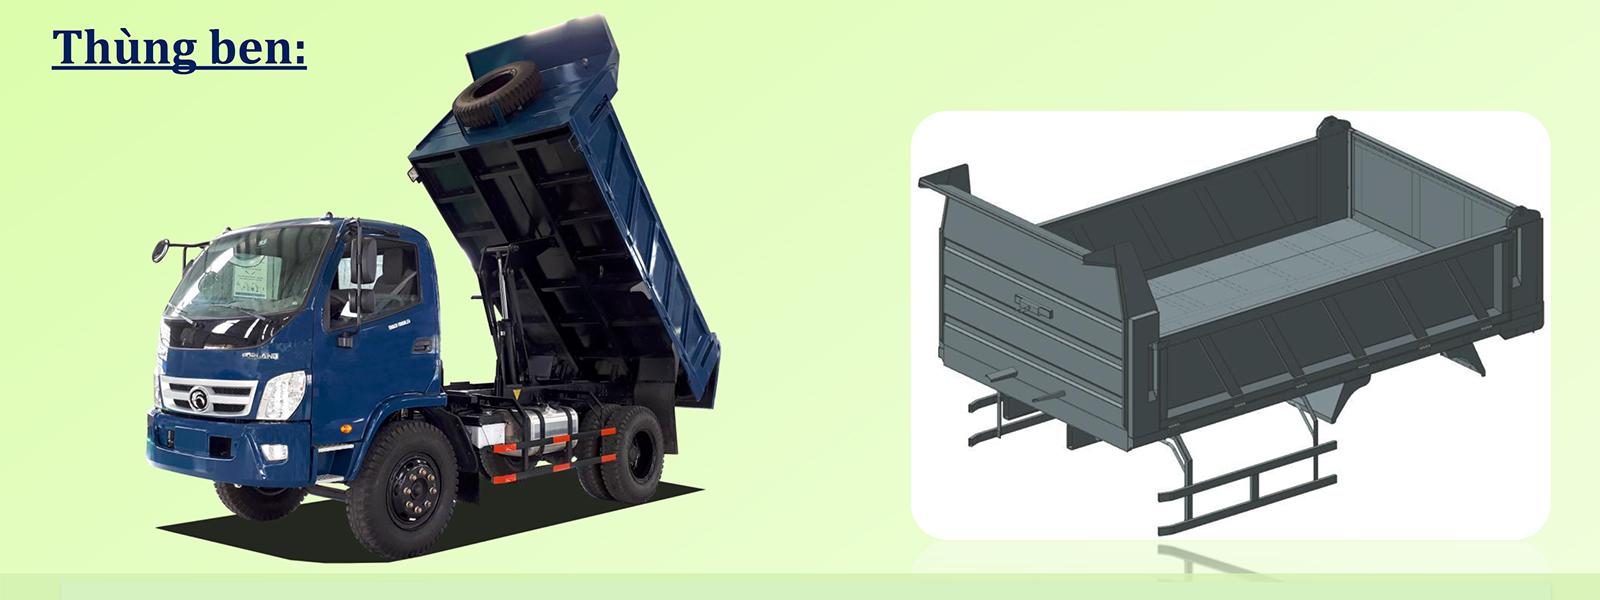 Thùng ben Thaco FD650 Kiểu thùng vuông có kết cấu chịu tải đến 15 tấn